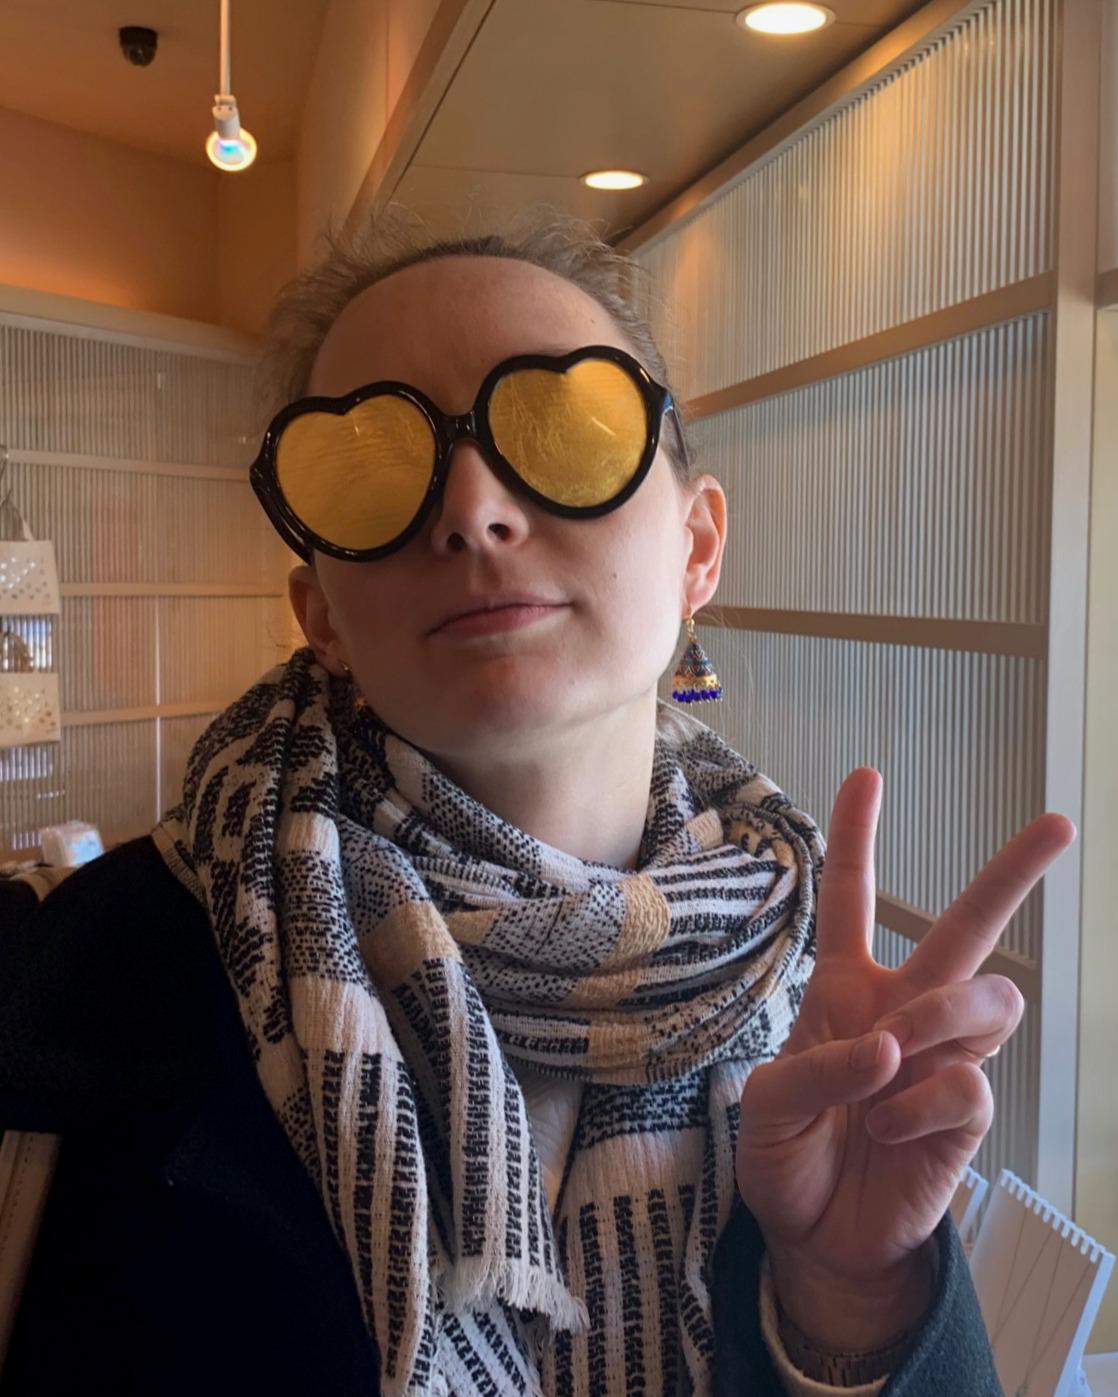 Jess wearing gold leaf glasses at Imai Kinpaku in Kanazawa